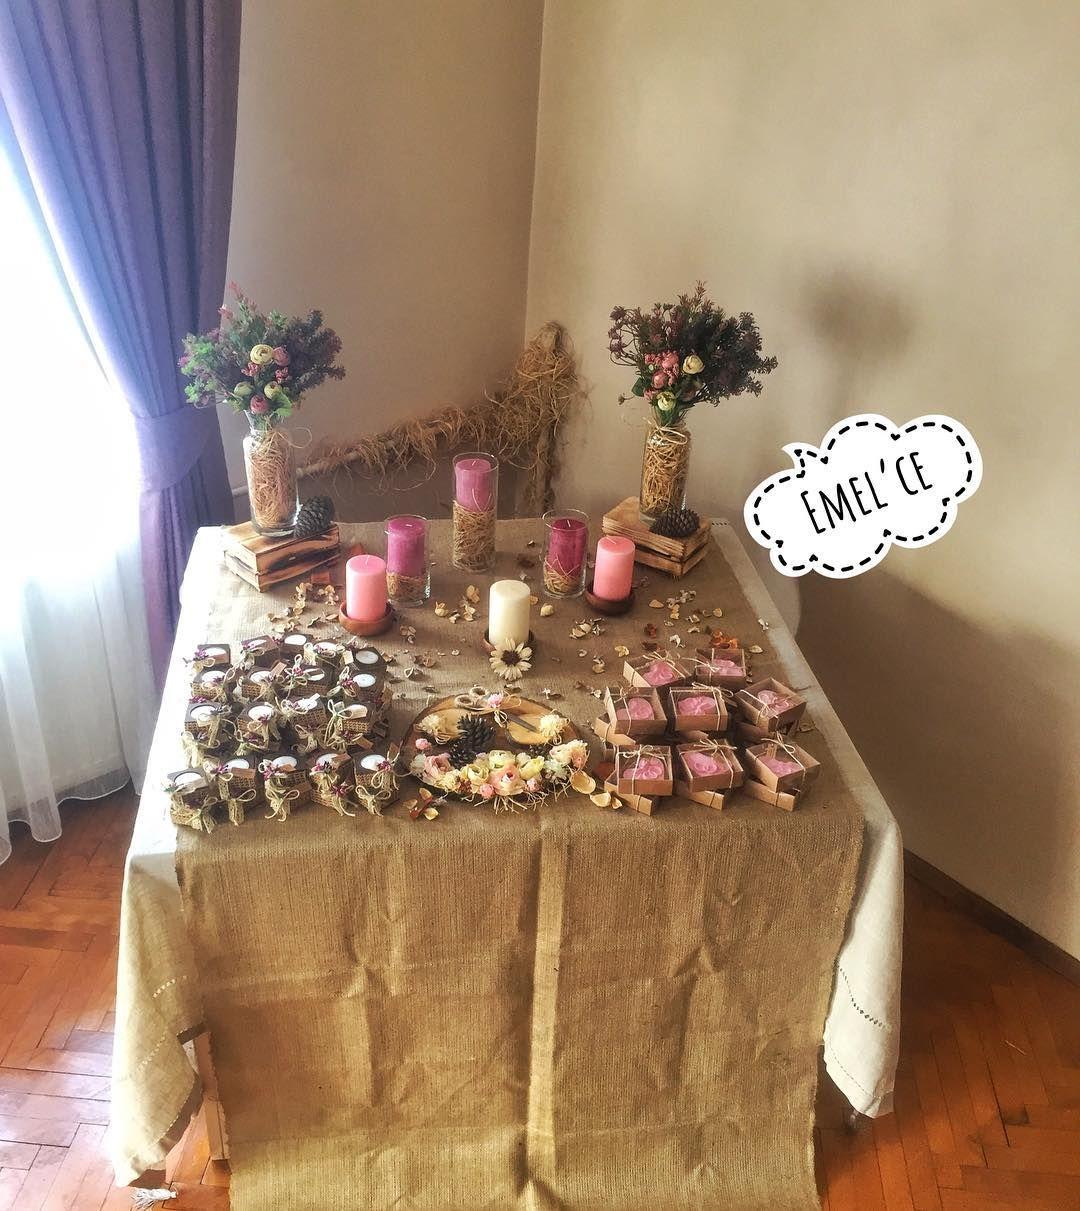 Nişan masası konseptimiz :) Bilgi ve sipariş için DM #nişan #engagement #engagementparty #söz #nişan #kına #hennanight #henna #flower #çiçek #nişan #nişanmasası #isteme #damat #gelin #emelce #hediyelik #hatıra #nişanhatırası #damatfincanı #nişantepsisi #hazırlık